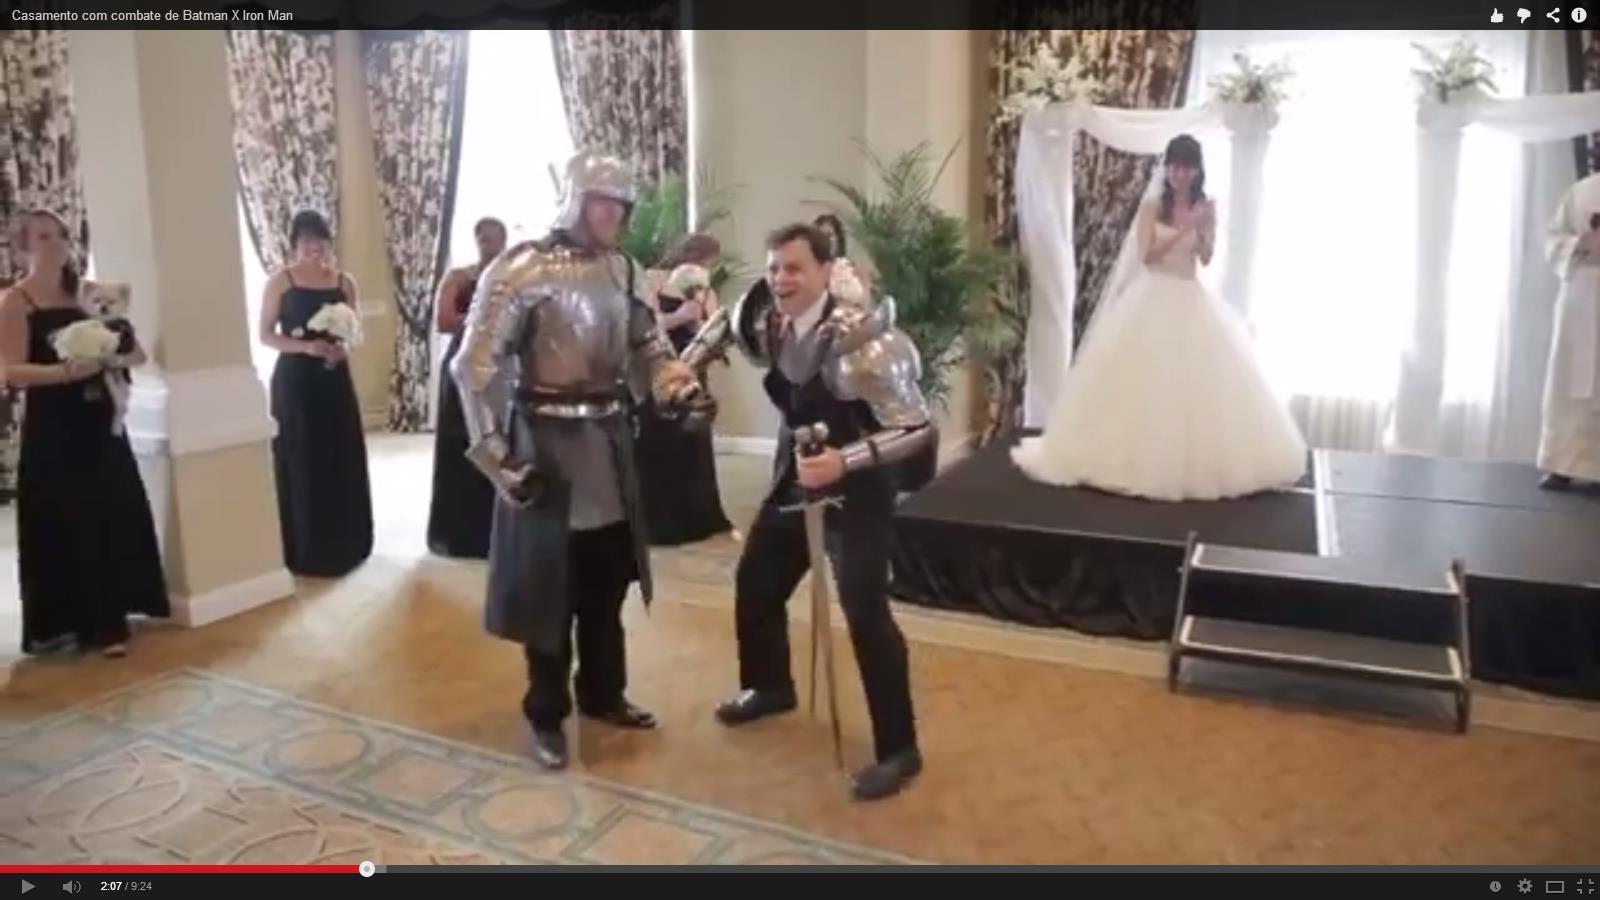 O vídeo de casamento engraçado: Batman X Iron Man está ganhando a internet (Foto: Divulgação)